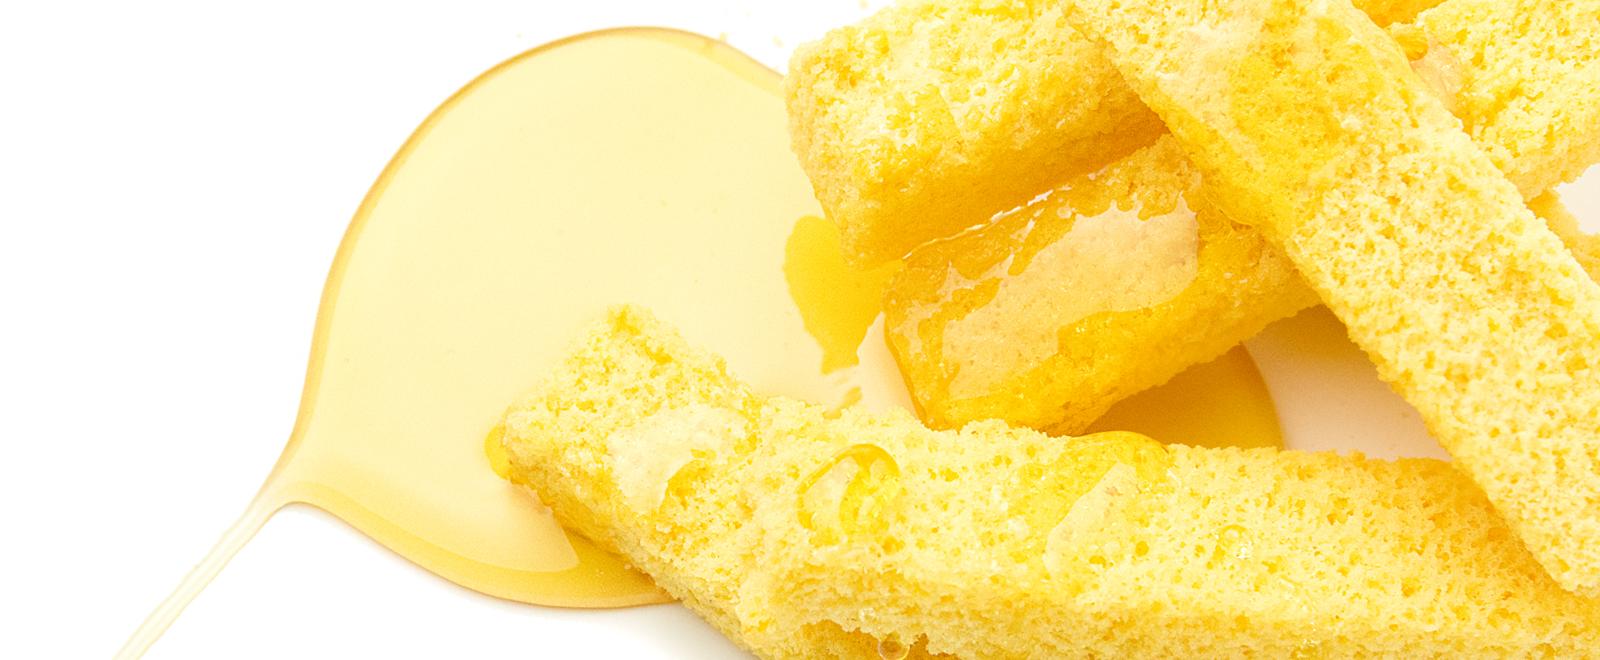 銀座蜂蜜ラスキュ 商品写真